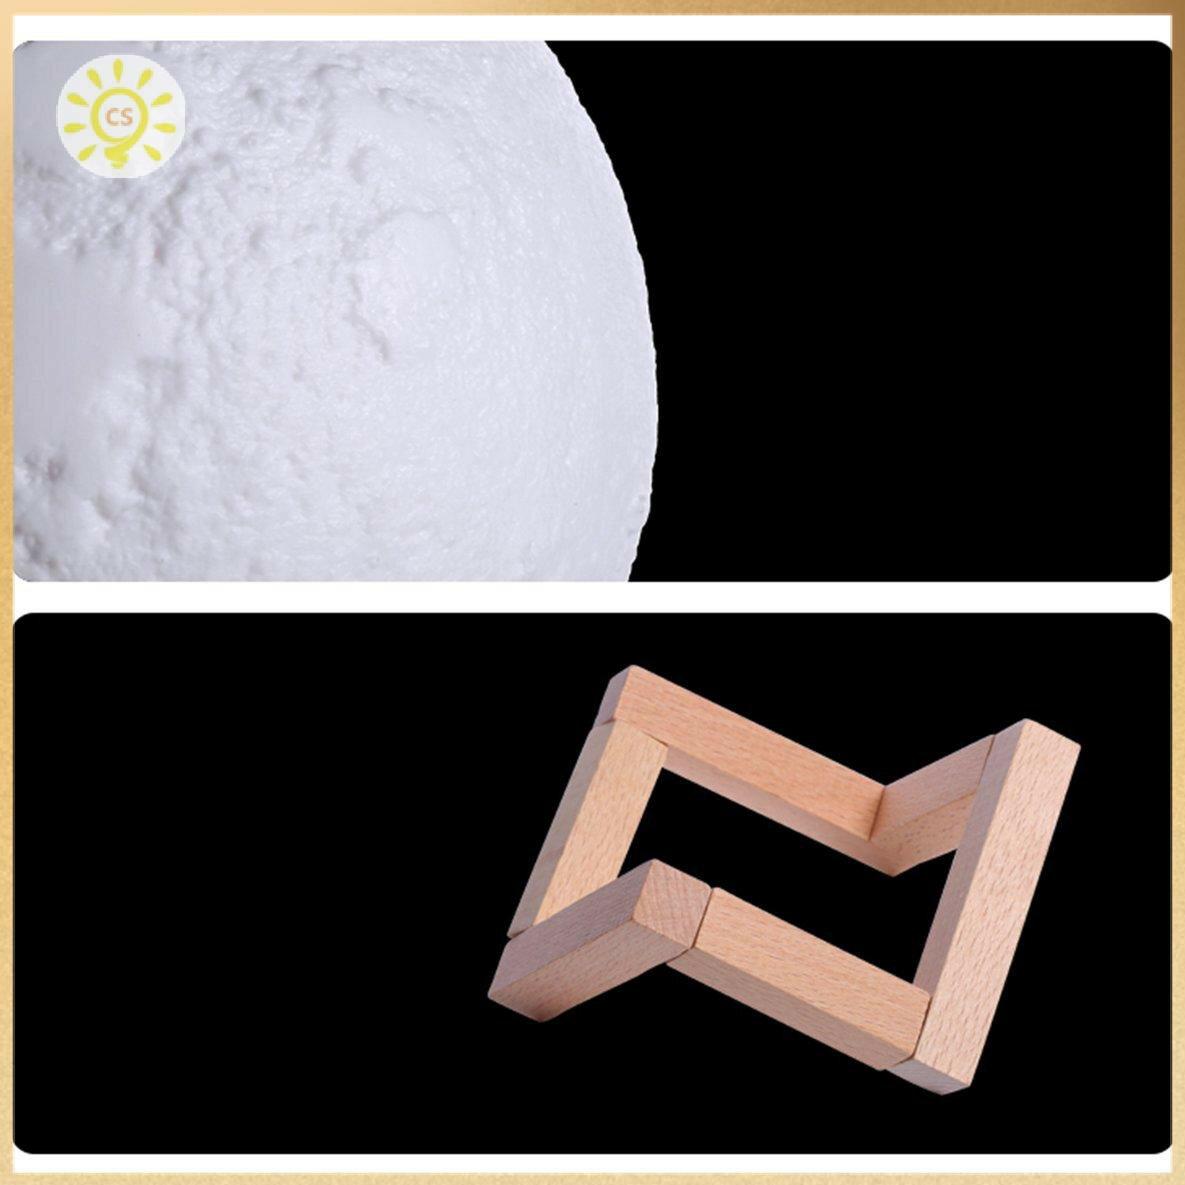 【全館免運】月光燈加濕器超聲波擴散器精油空氣淨化器 clickstorevip